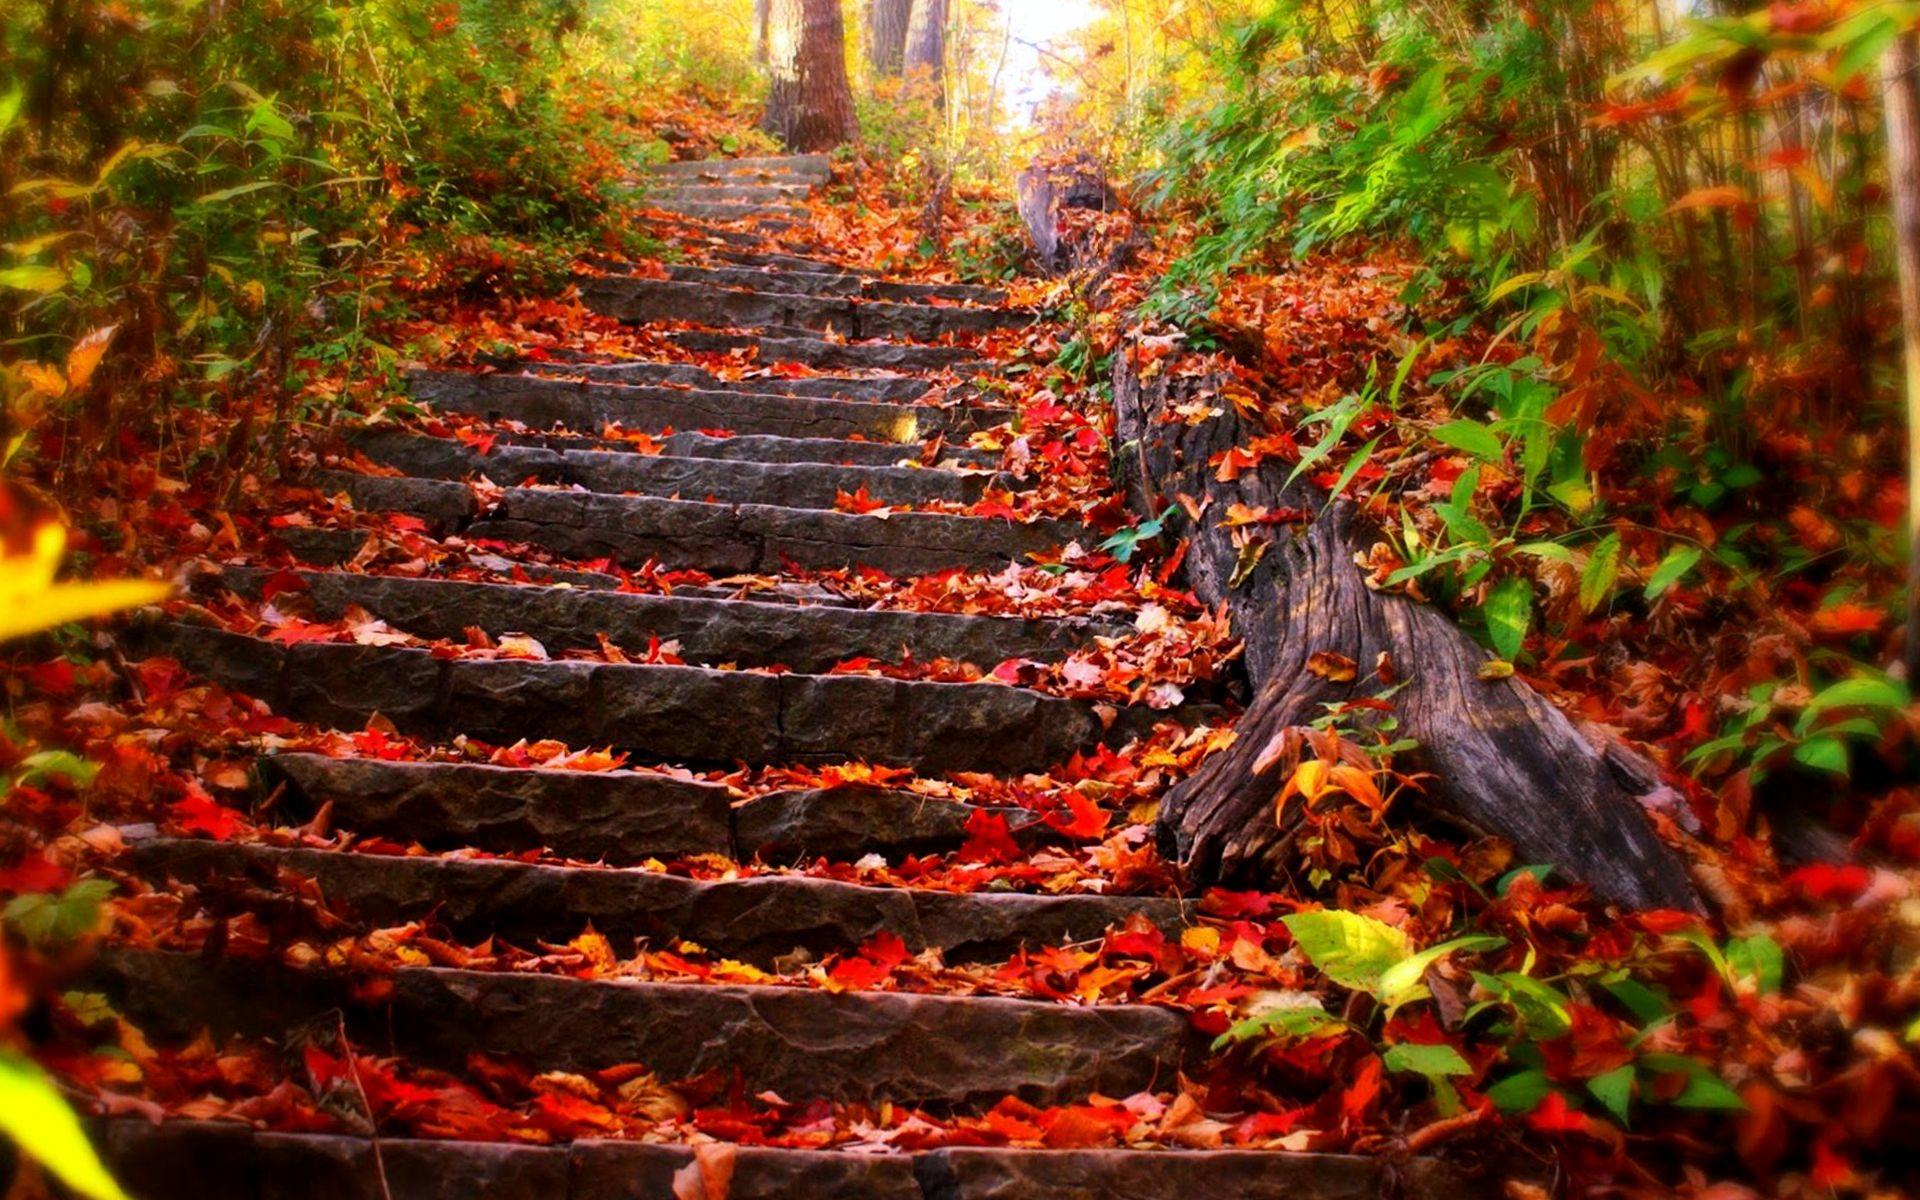 Nature's stairway photo